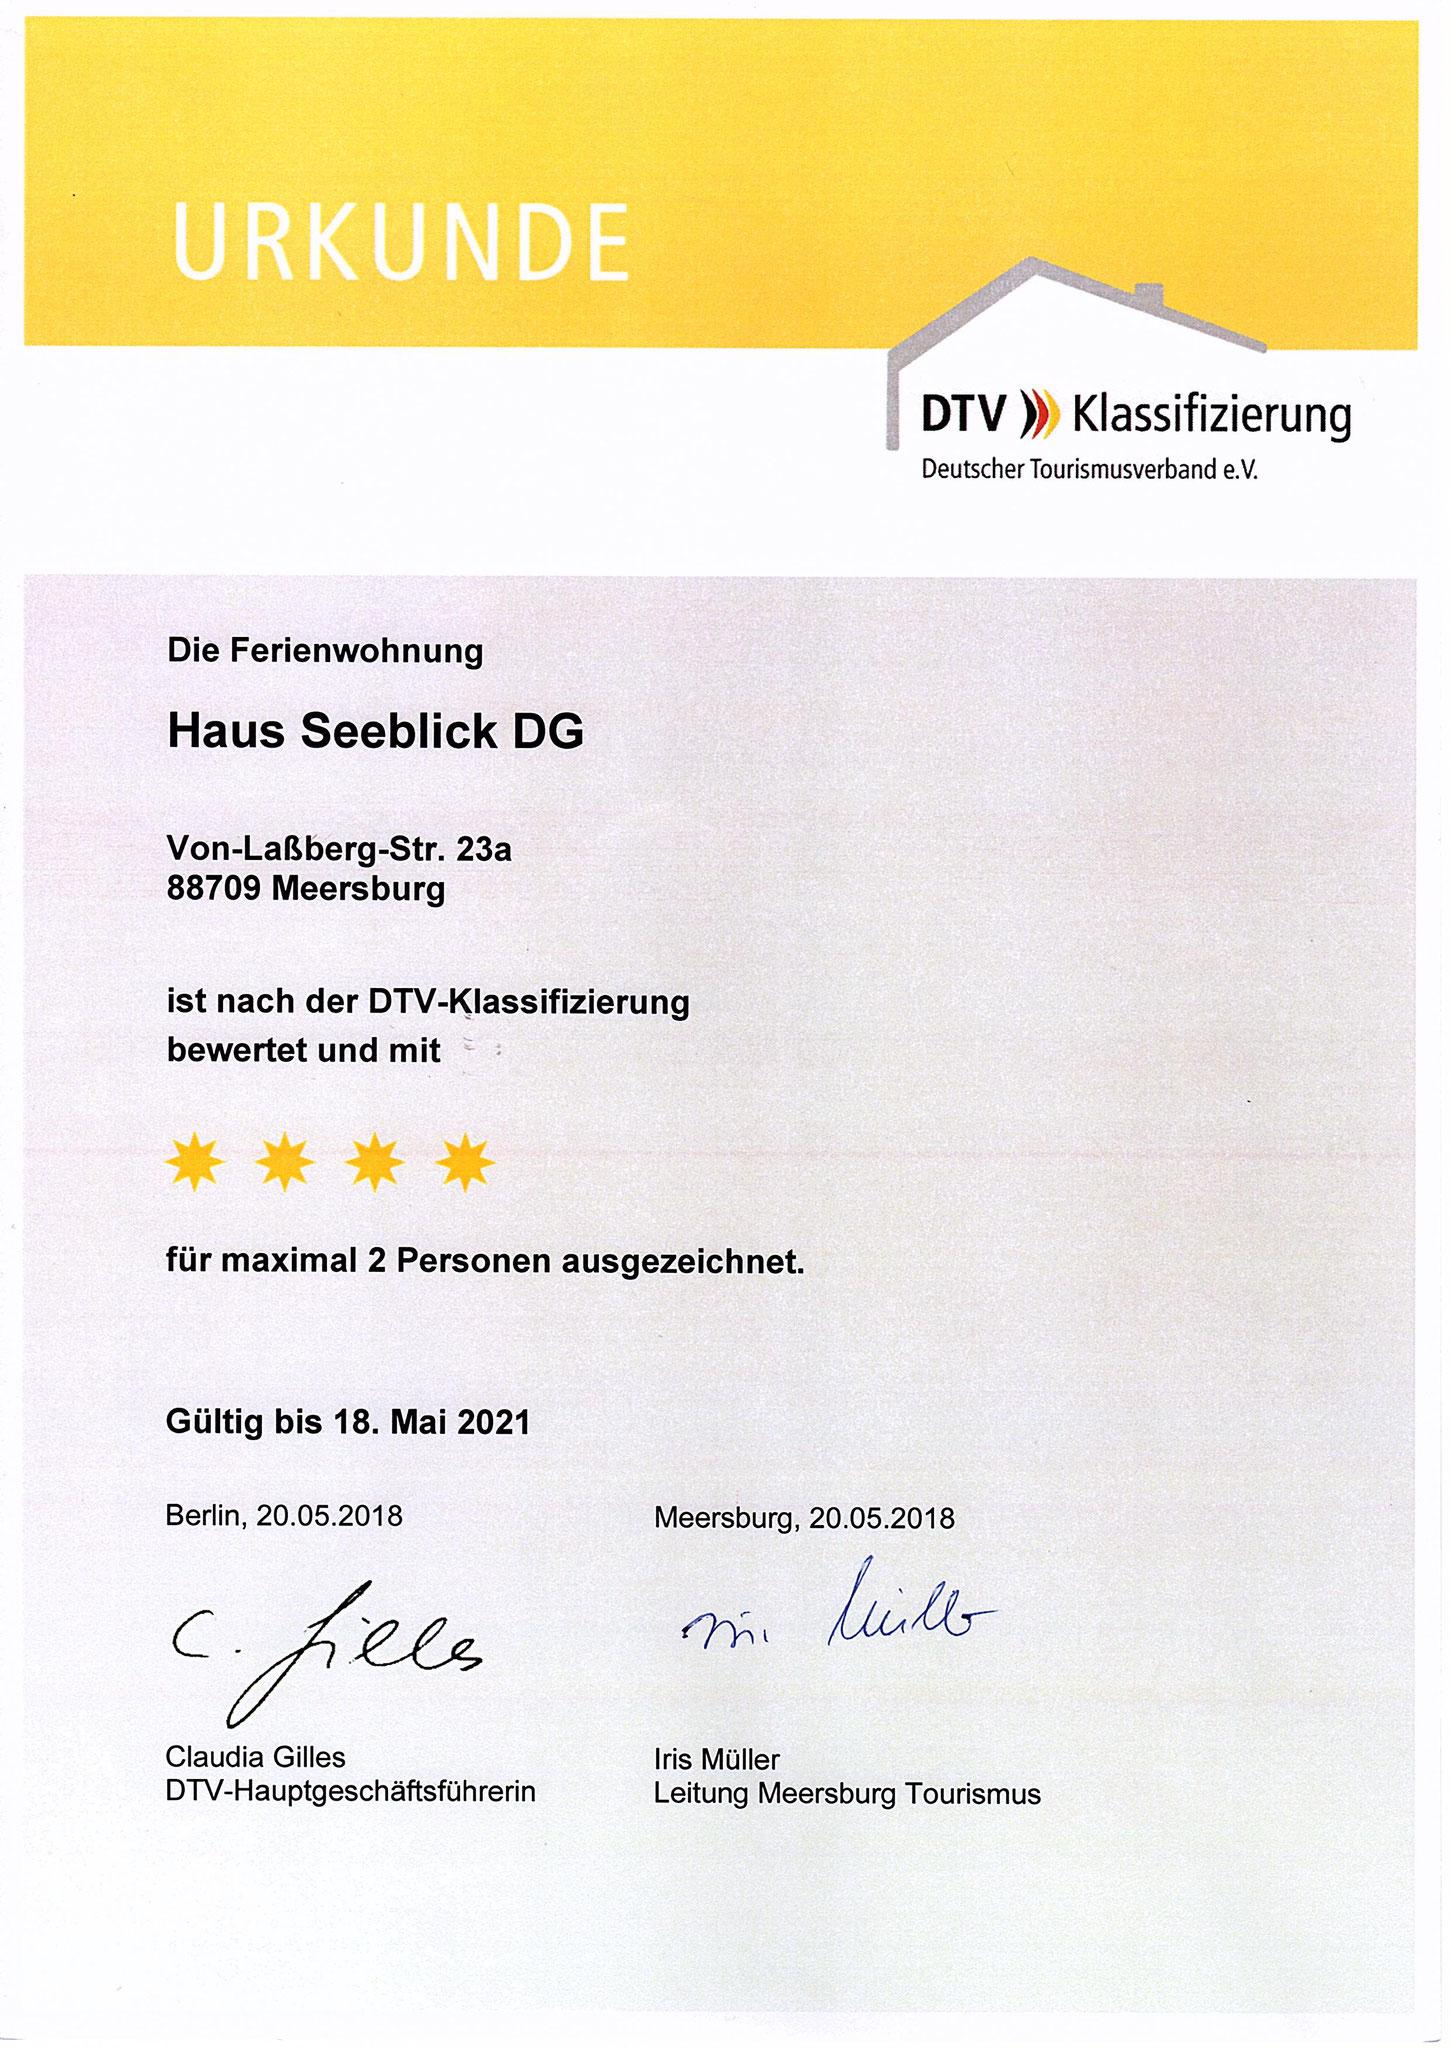 Urkunde 2018 - DG-Wohnung F****